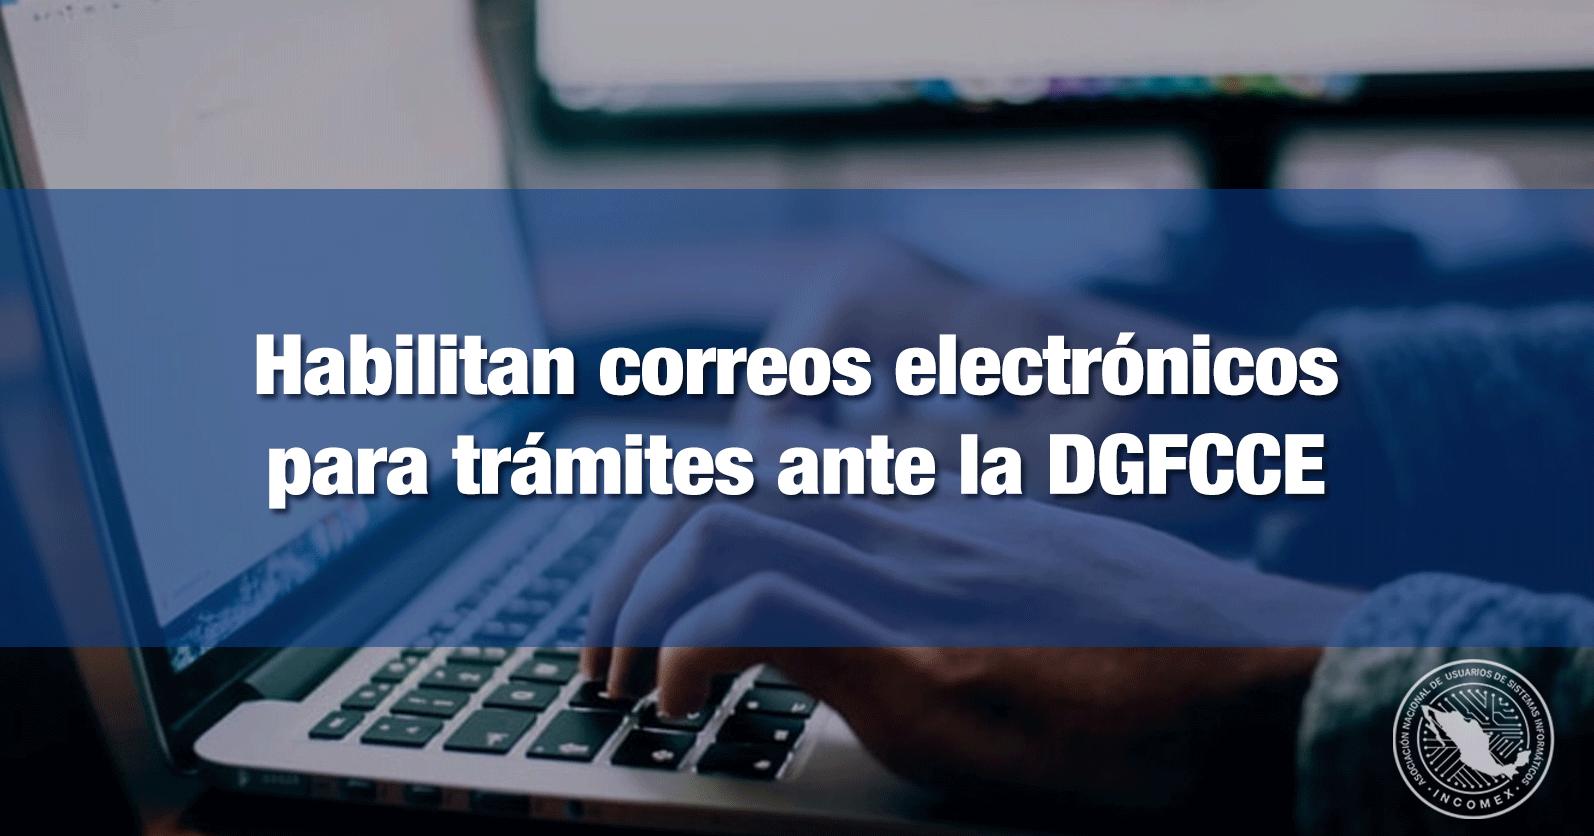 Habilitan correos electrónicos para trámites ante la DGFCCE